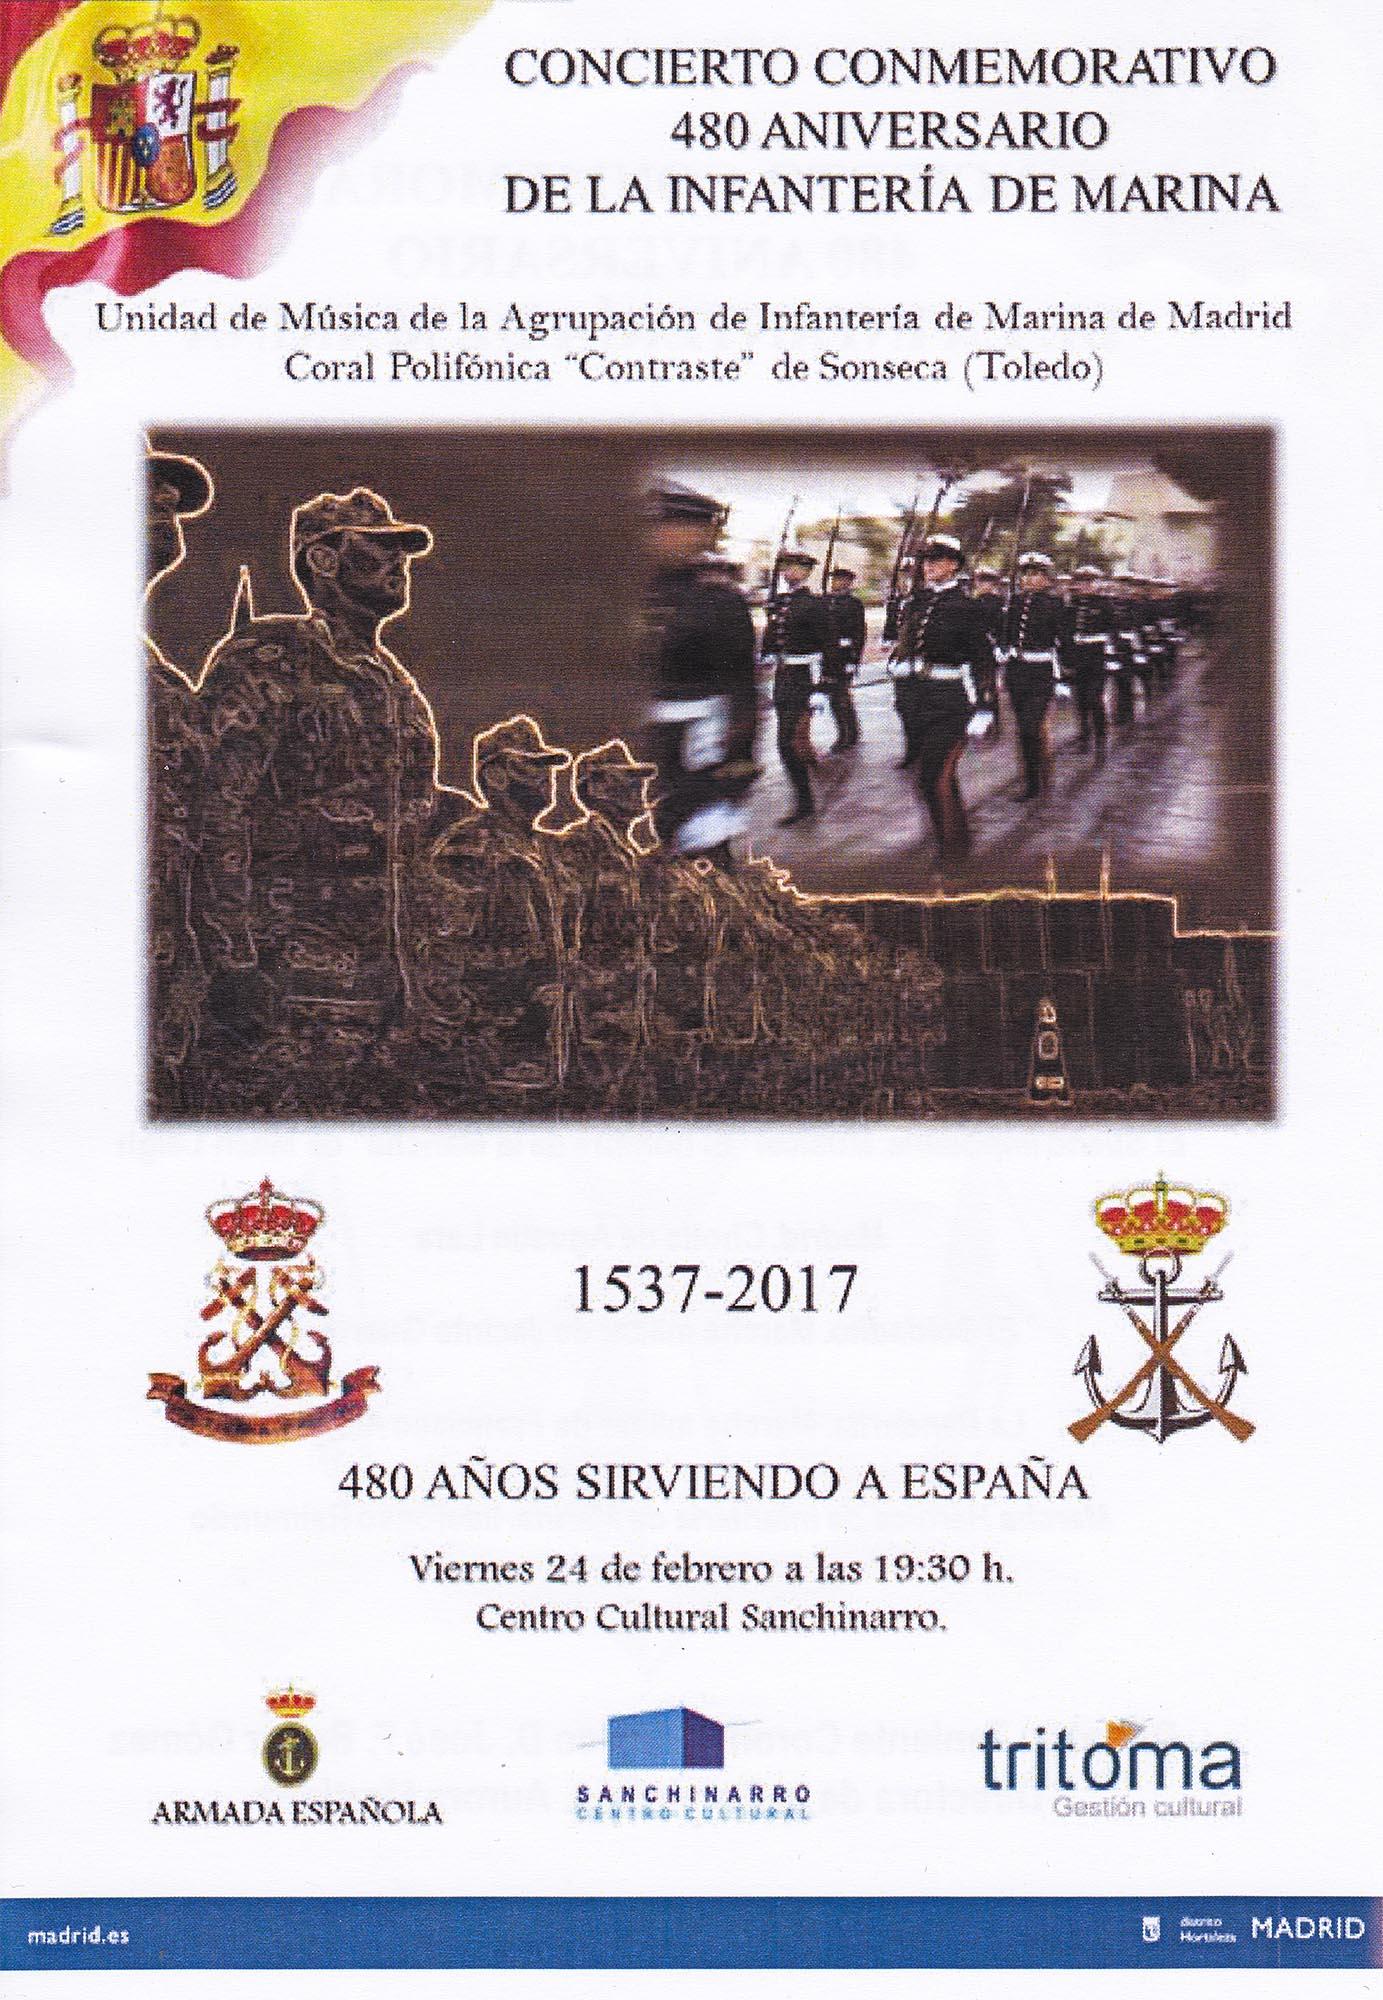 Cartel Concierto 480 Aniversario de la Infatería Marina